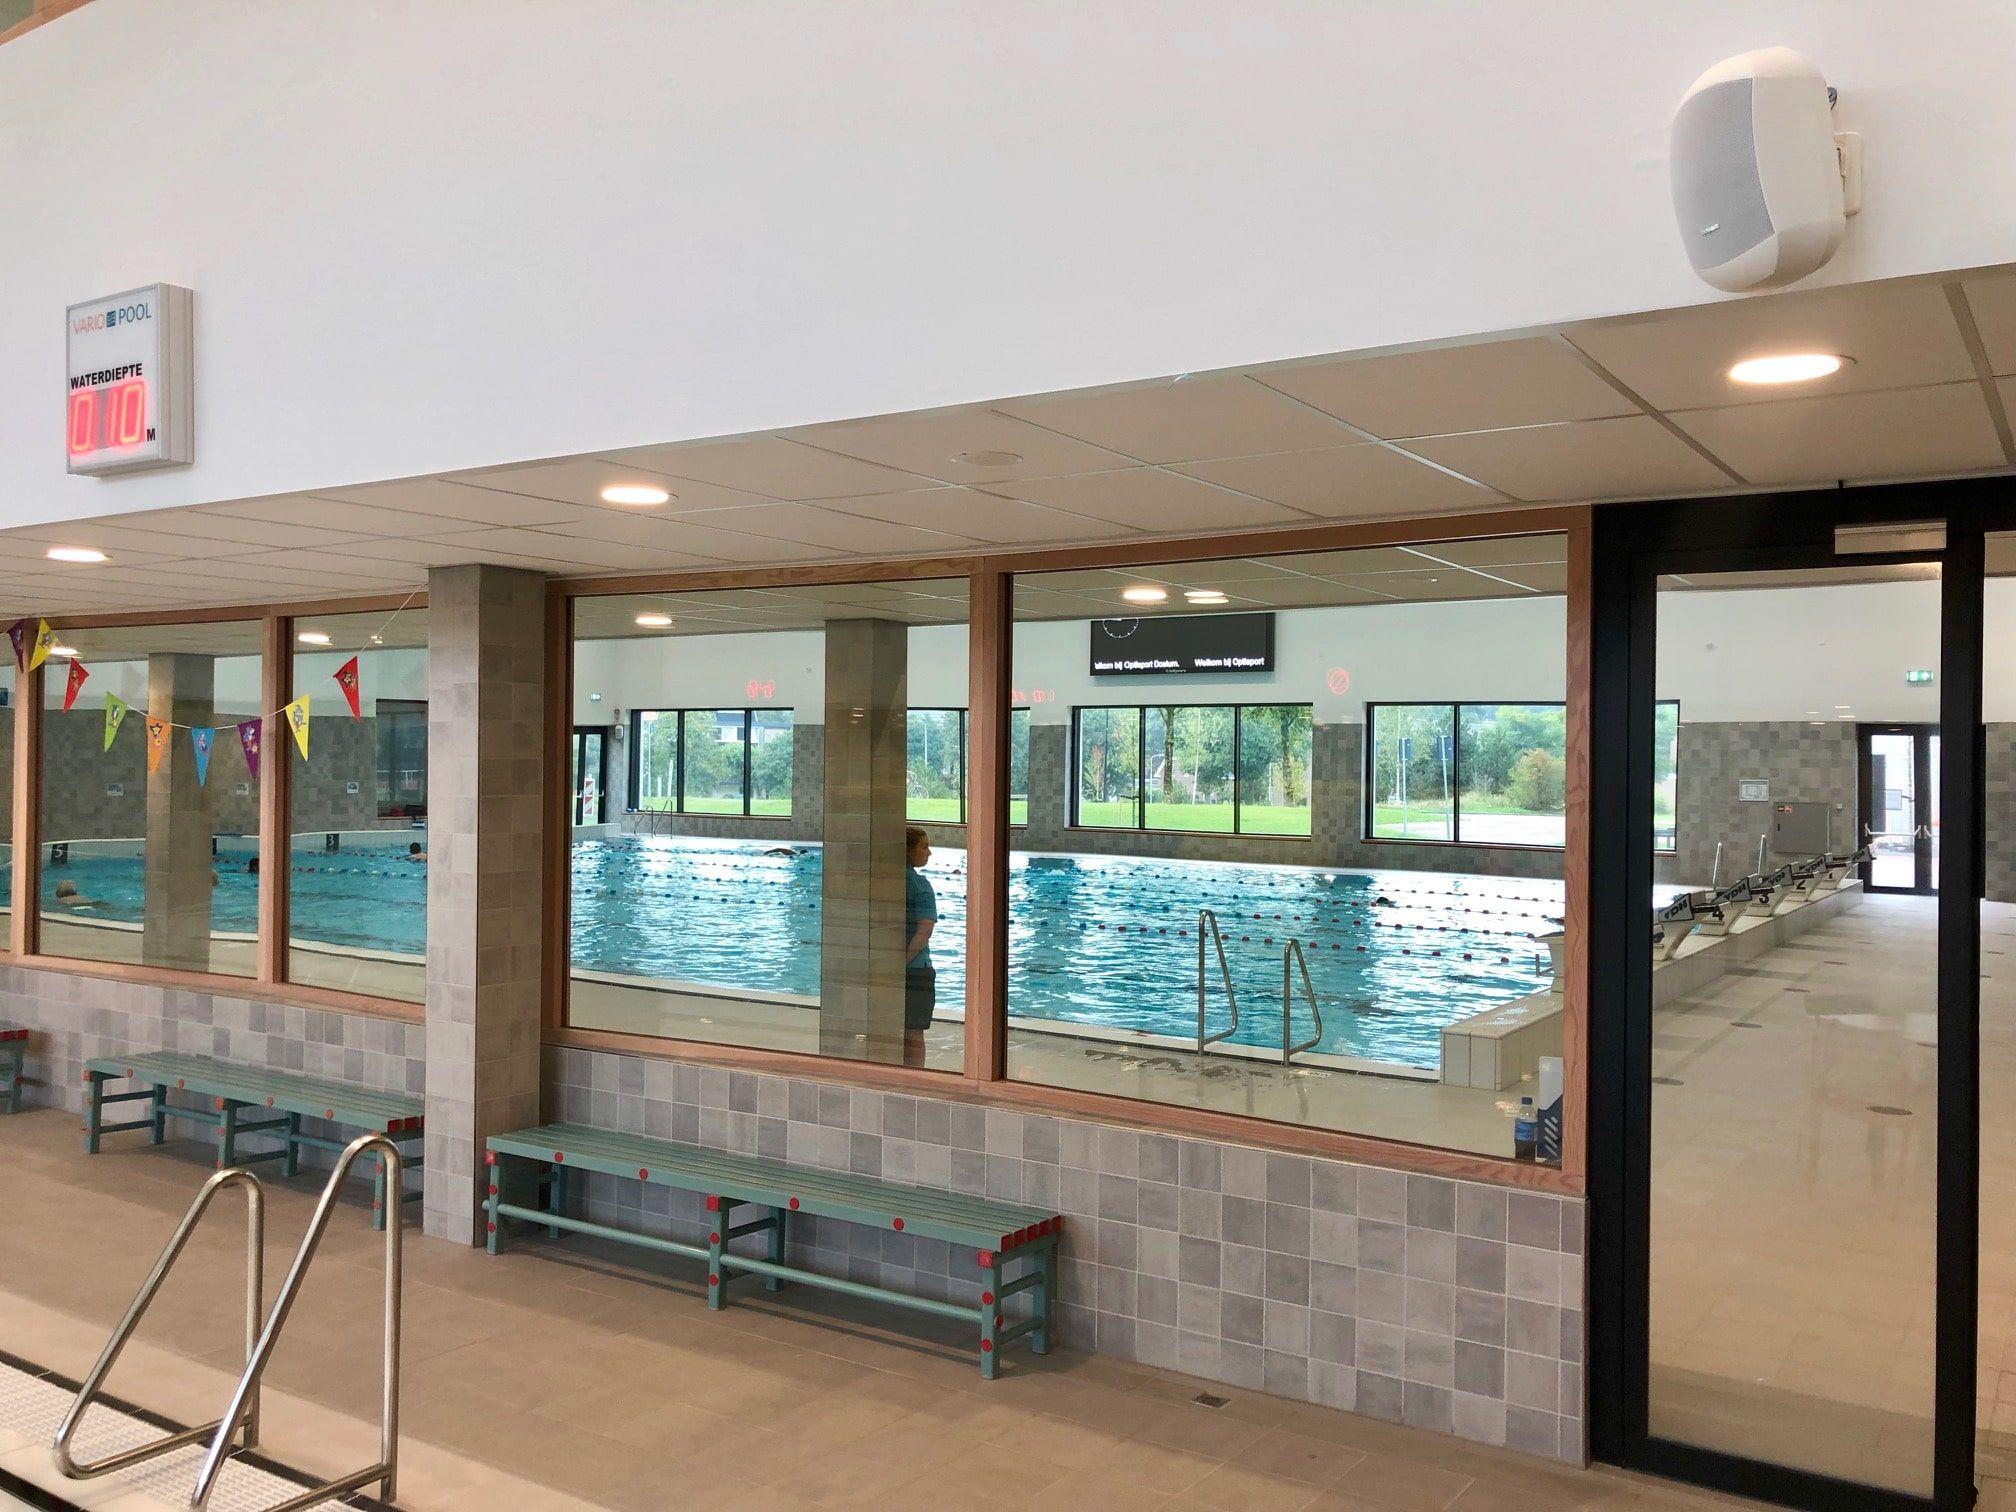 Zwembad Doelum wedstrijdbad